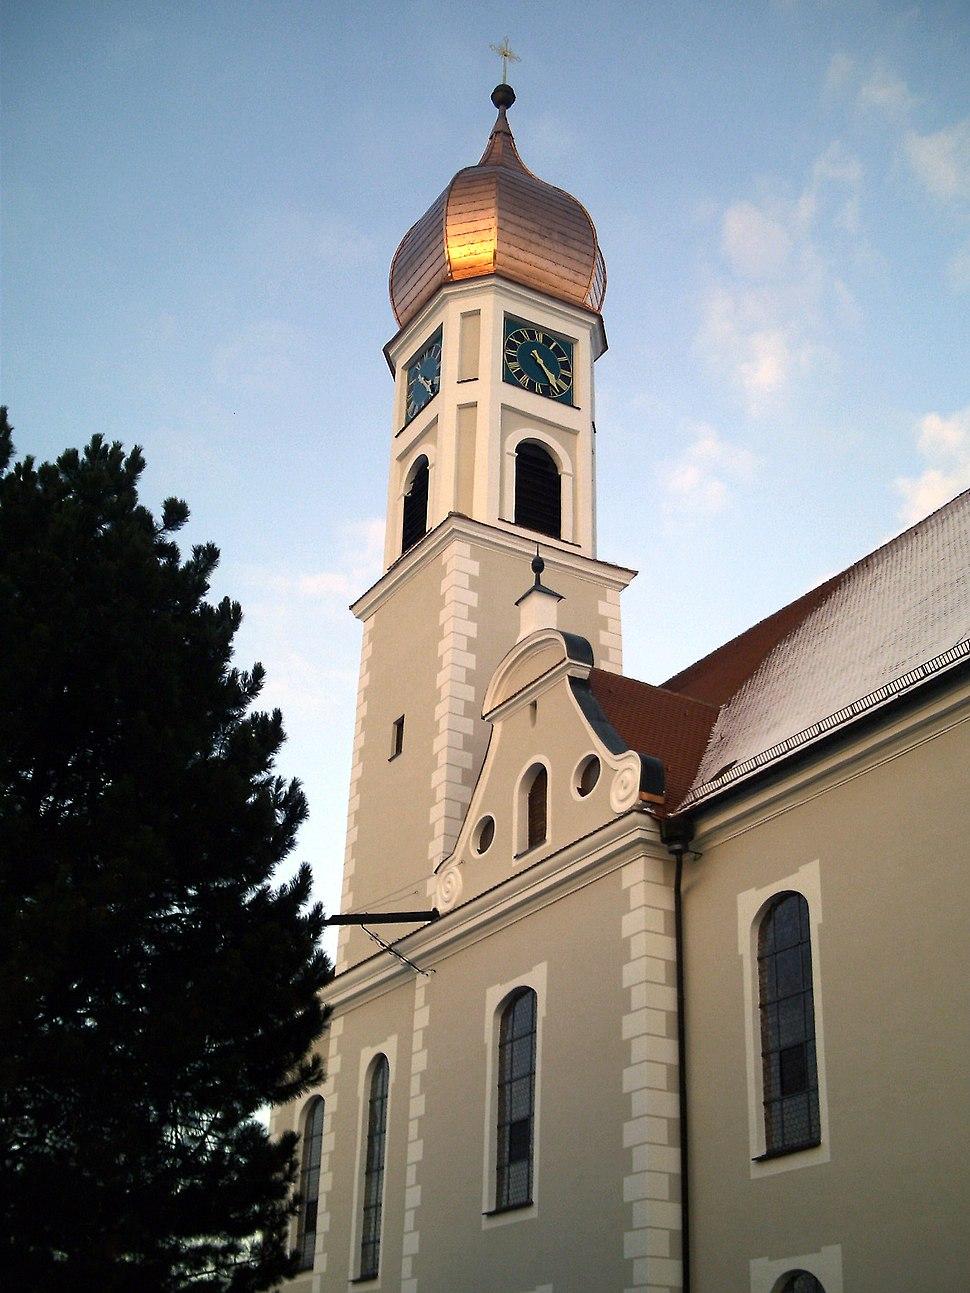 Kirchturm02